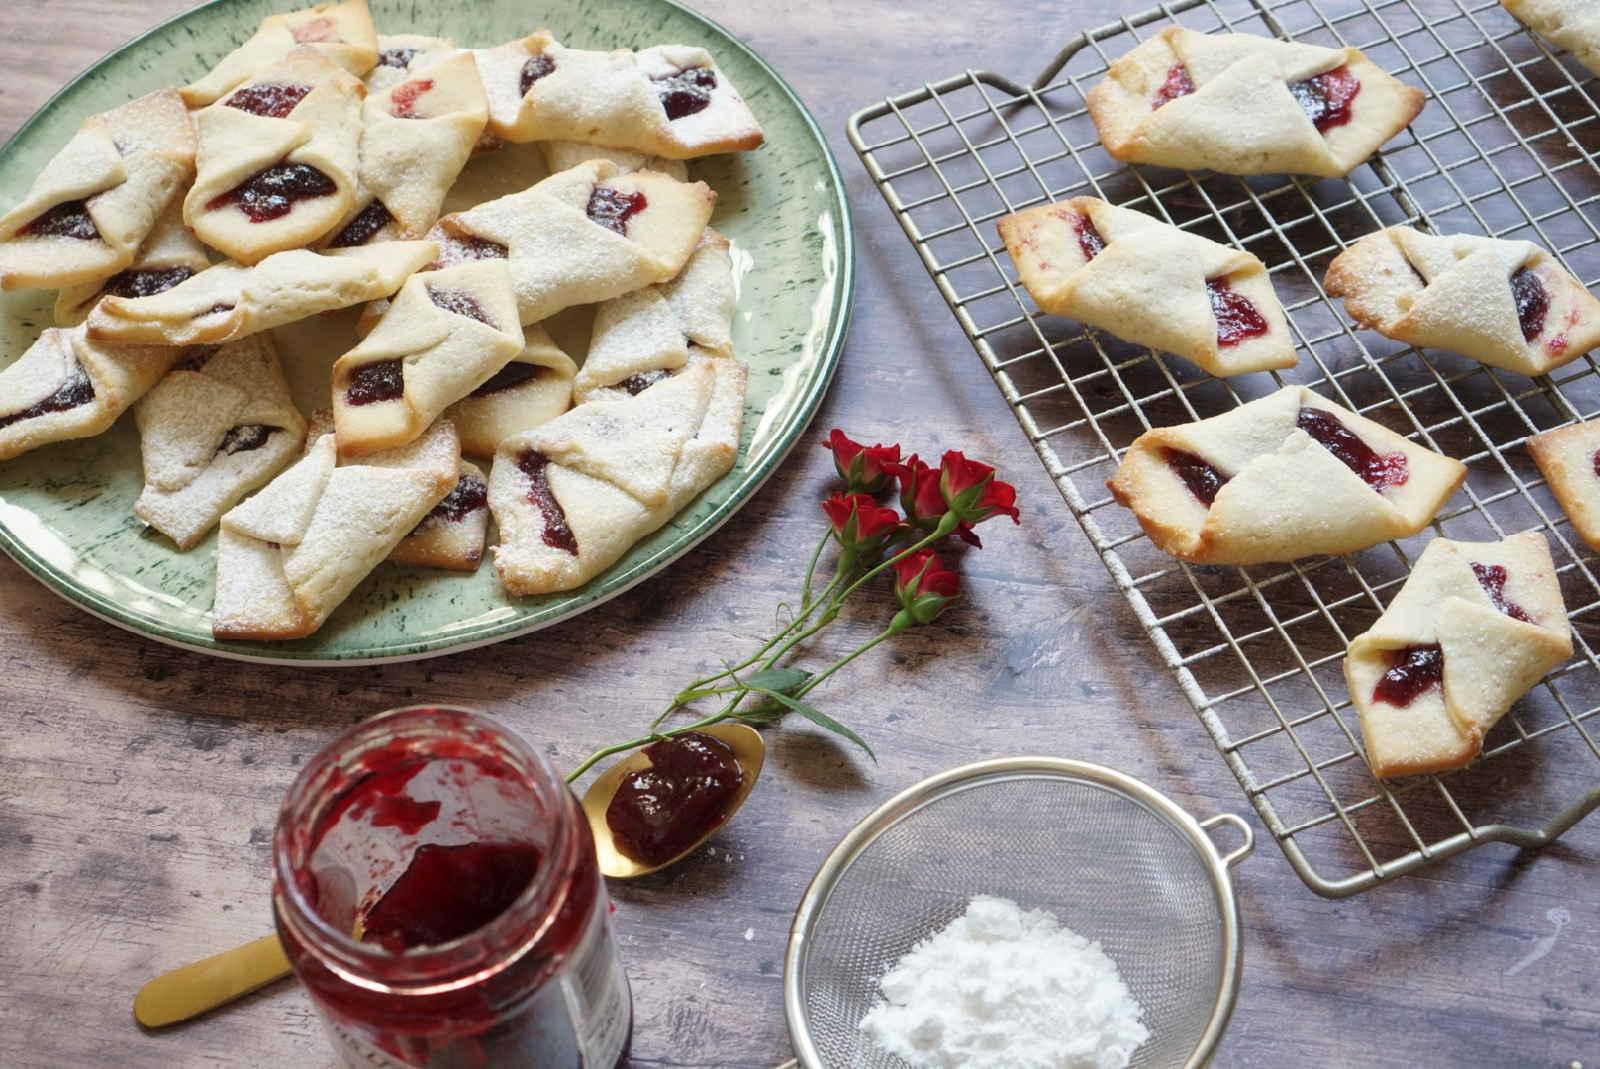 עוגיות ריבה מבצק מסקרופנה מדהים.